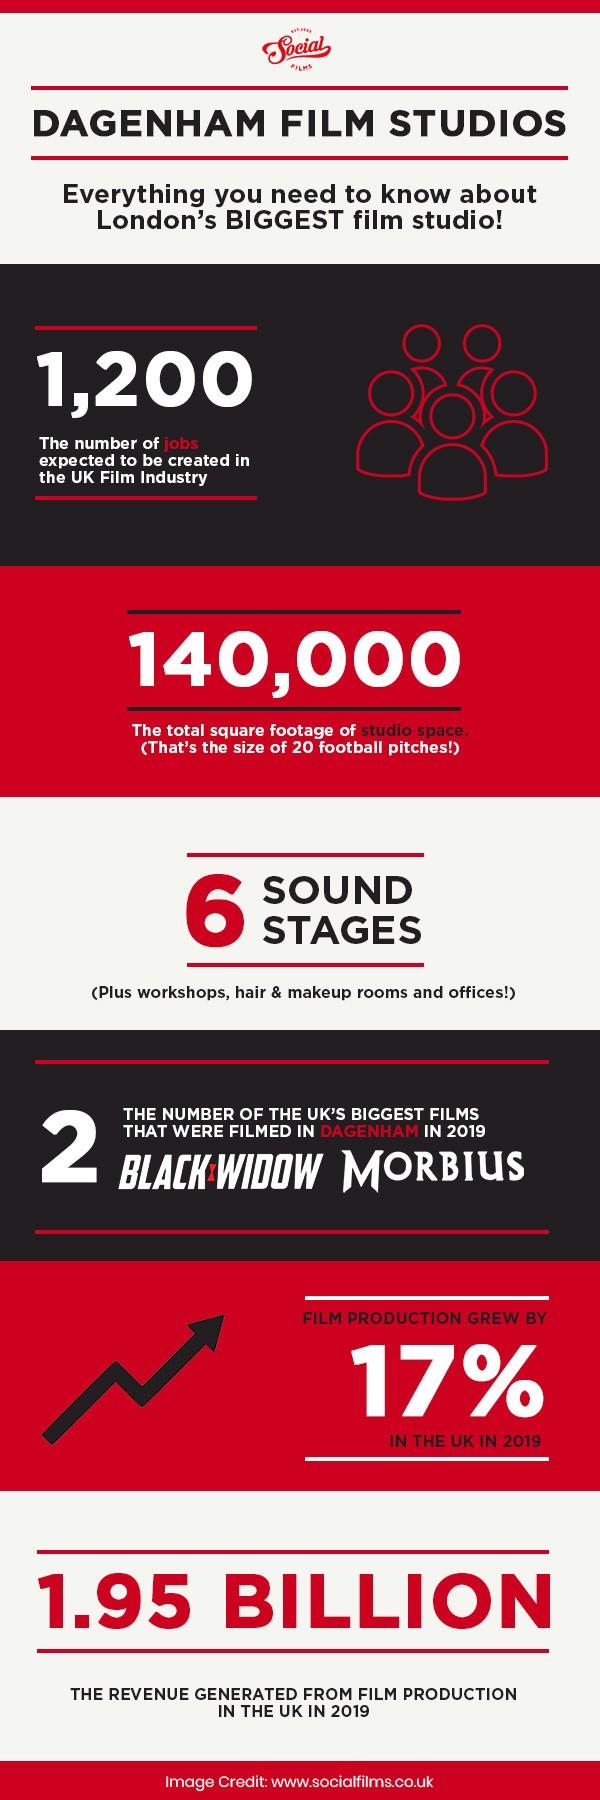 Dagenham Film Studios Infographic